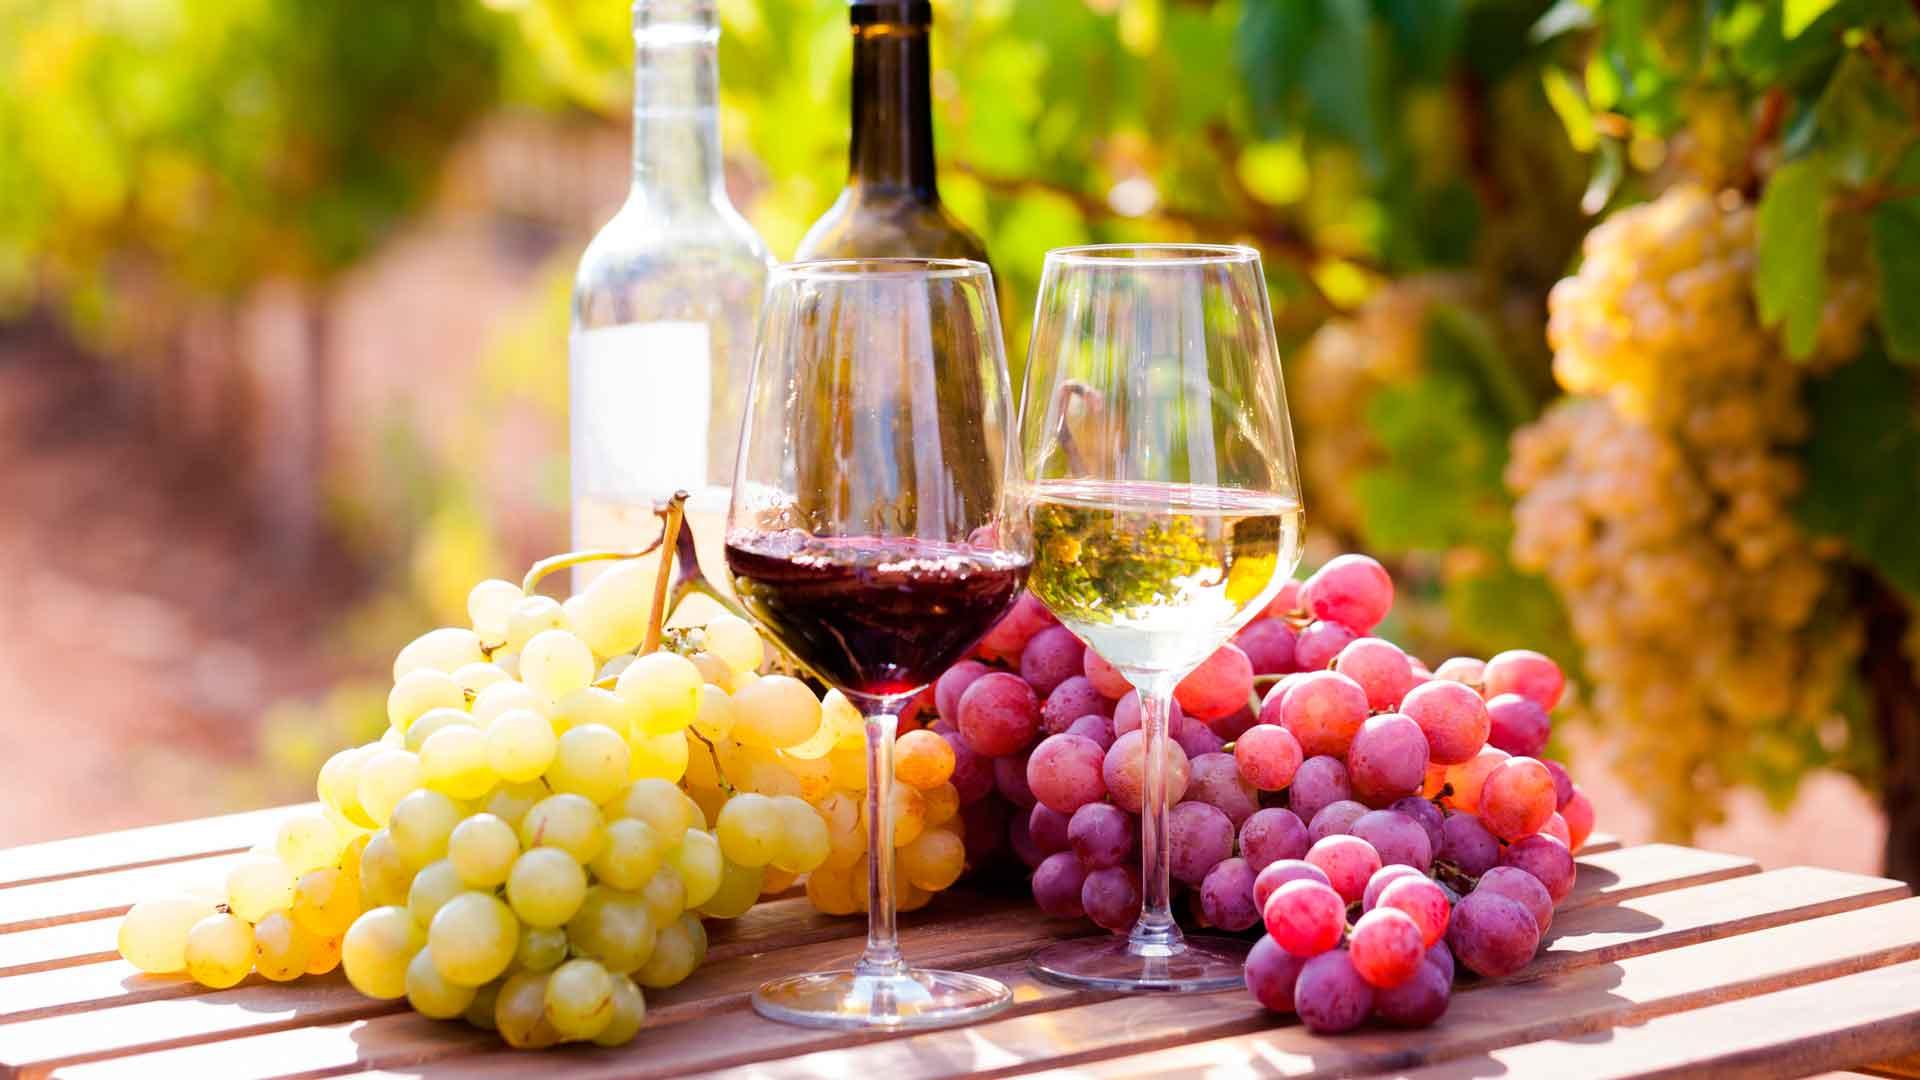 Vinícolas unidas: en apoyo al vino mexicano